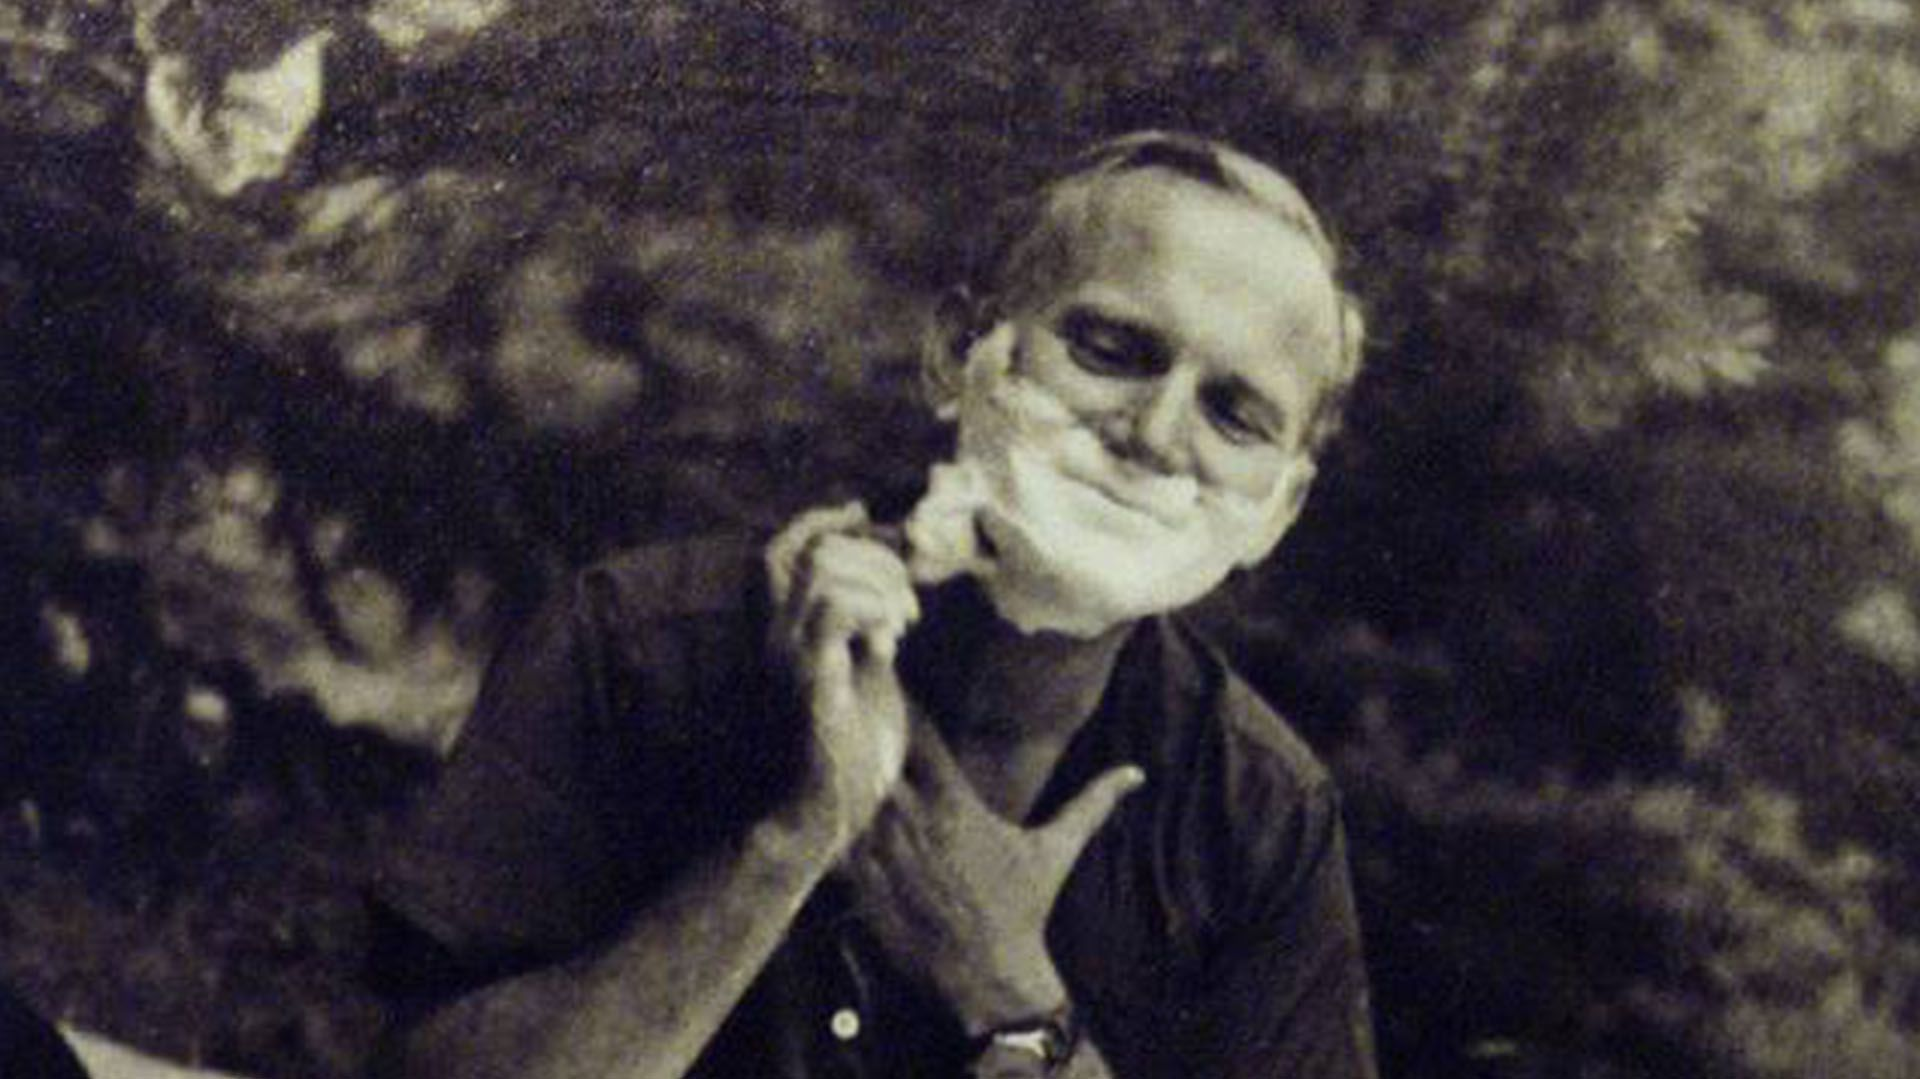 Karol Wojtyla había sido actor de teatro en su juventud. Hablaba varios idiomas y se esforzaba por practicar la fonética y el acento de cada lengua antes de sus viajes